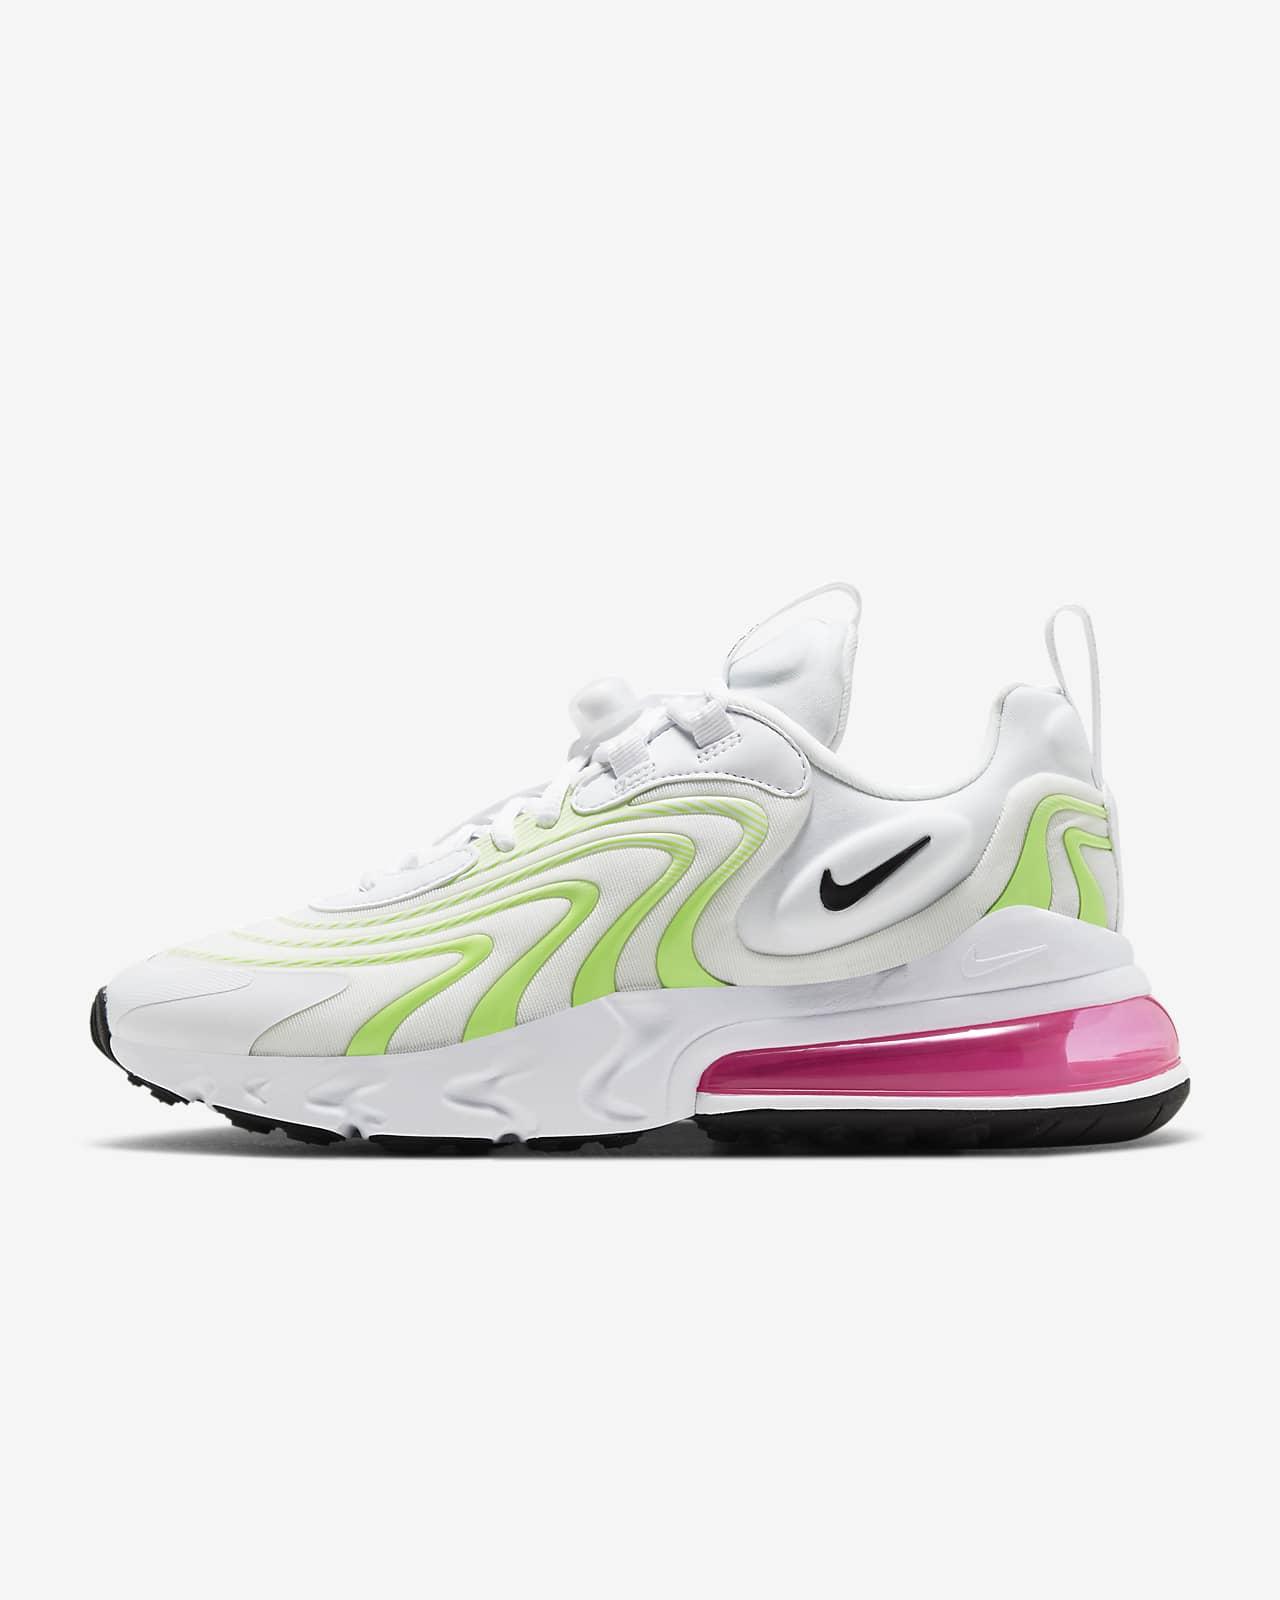 Nike Air Max 270 React ENG Women's Shoes